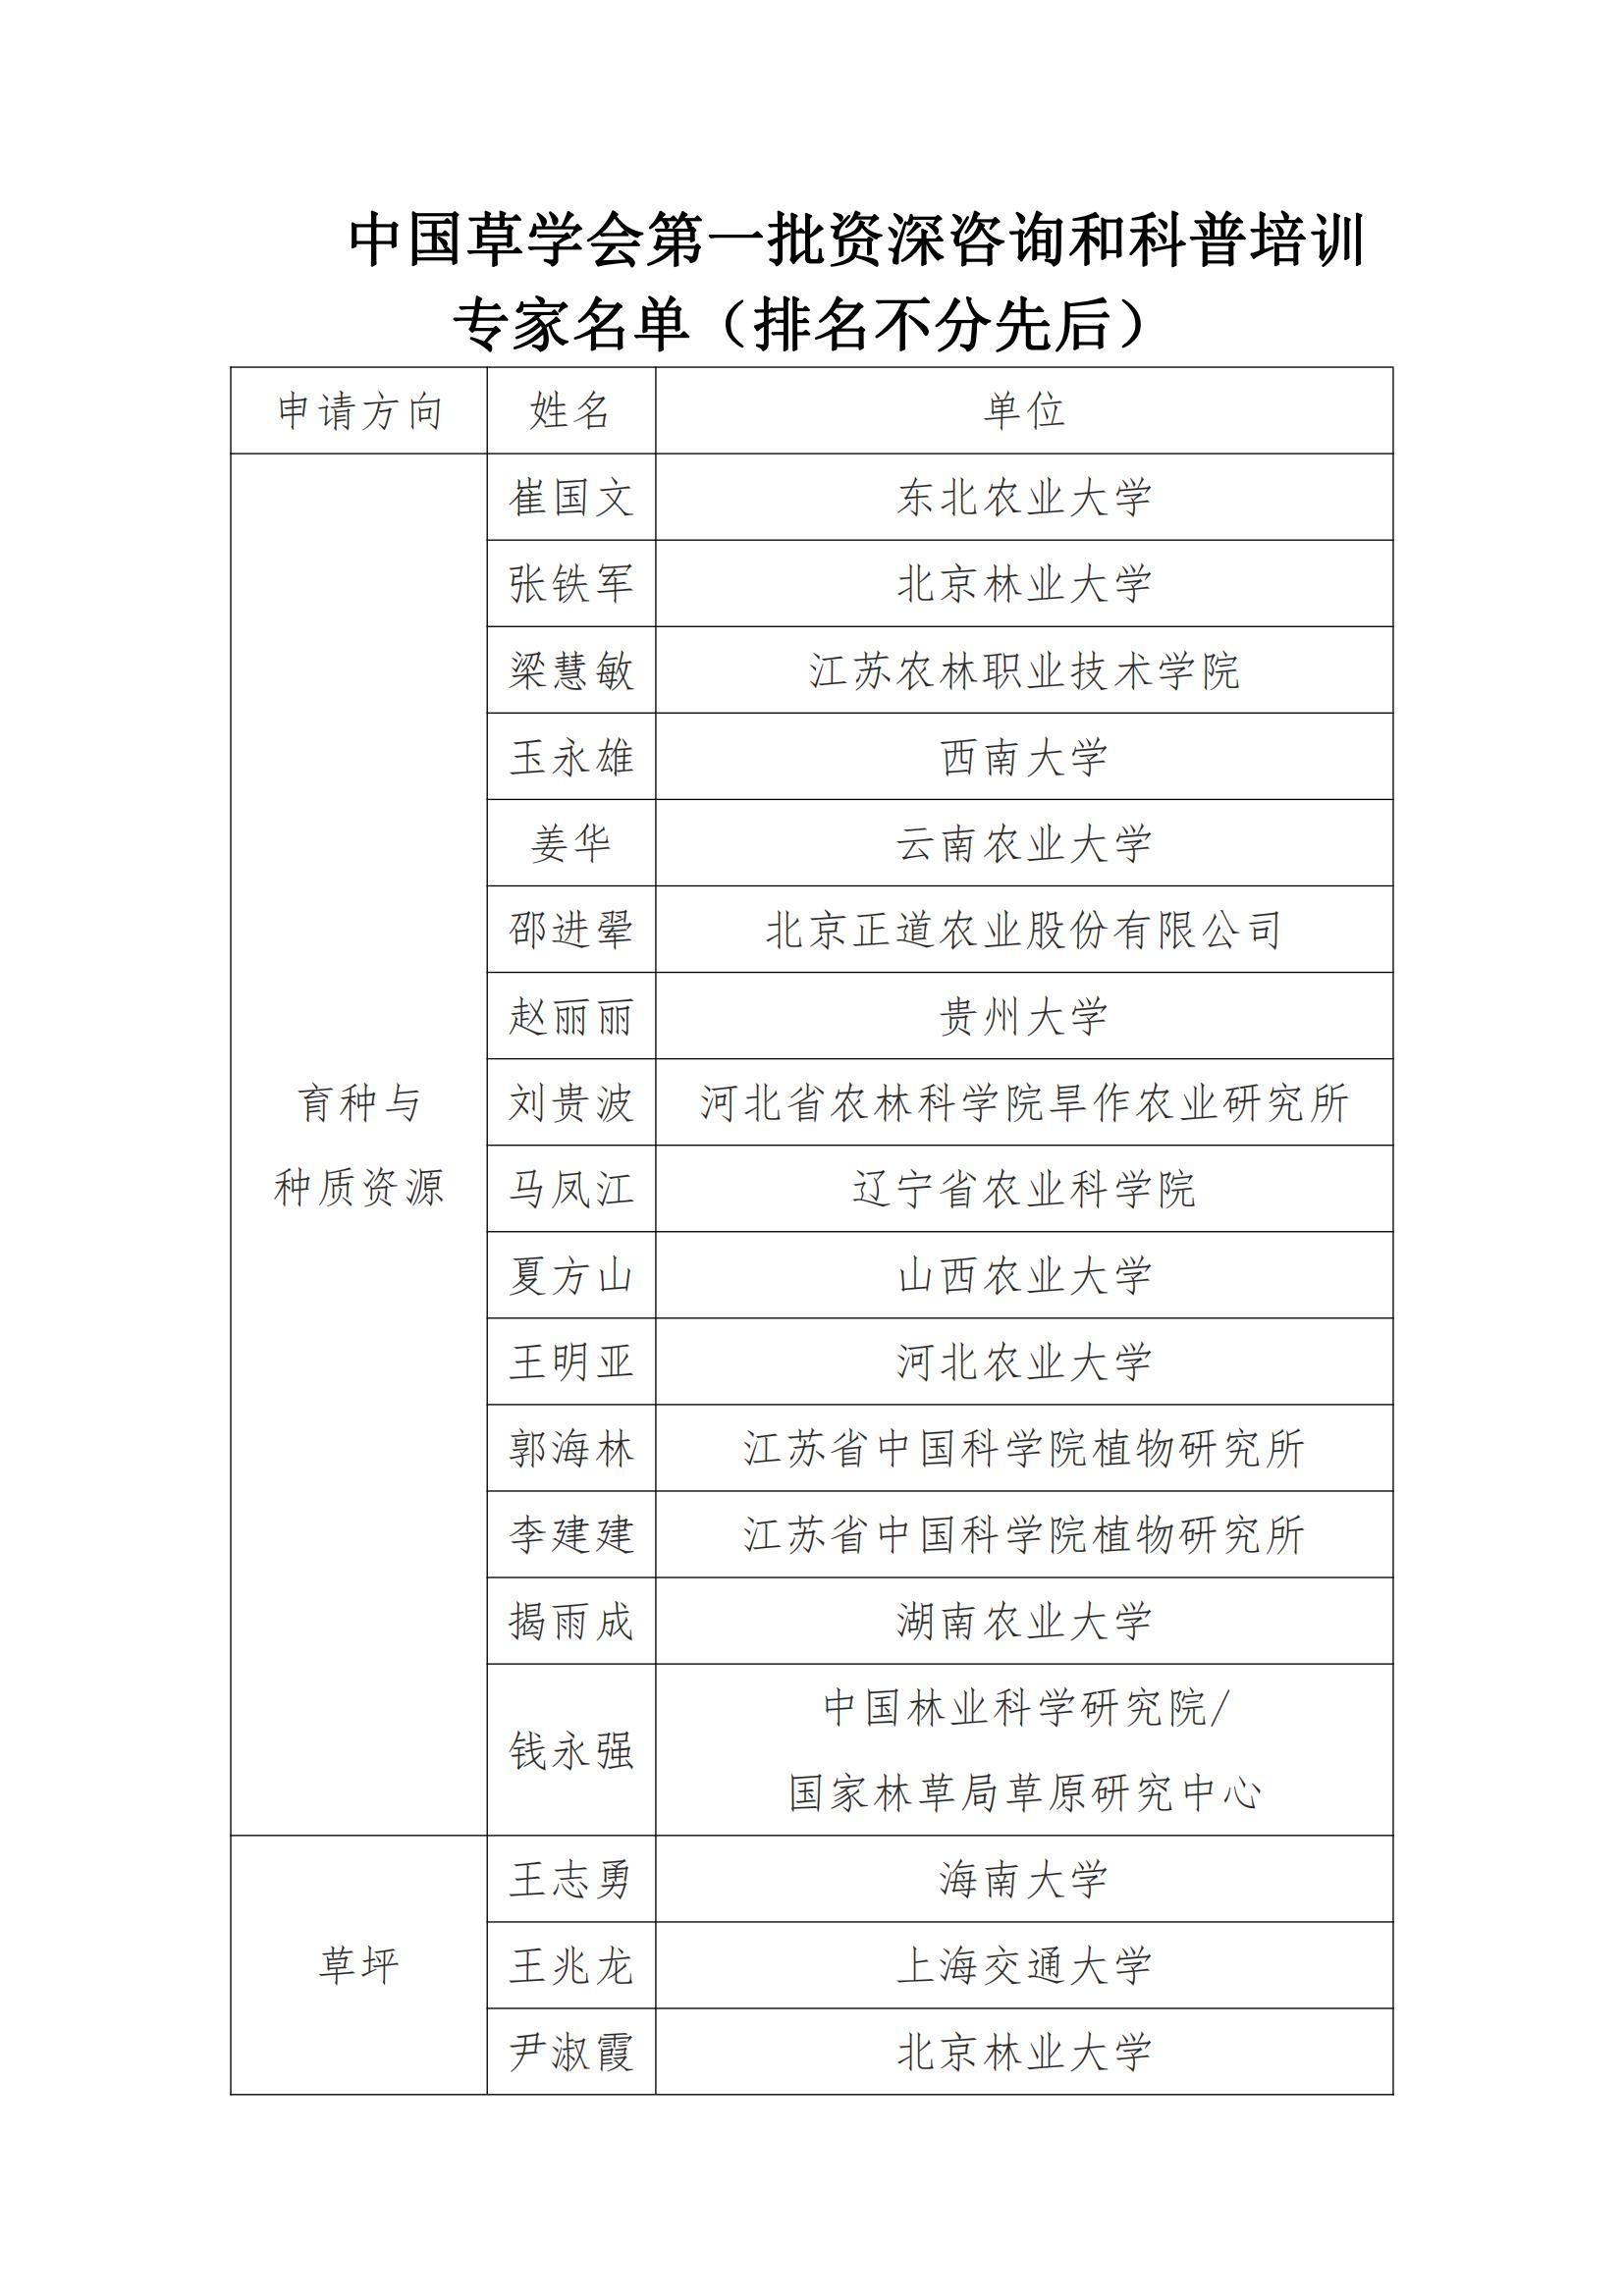 关于公布中国草学会第一批资深咨询和科普培训专家名单的通知_01.jpg